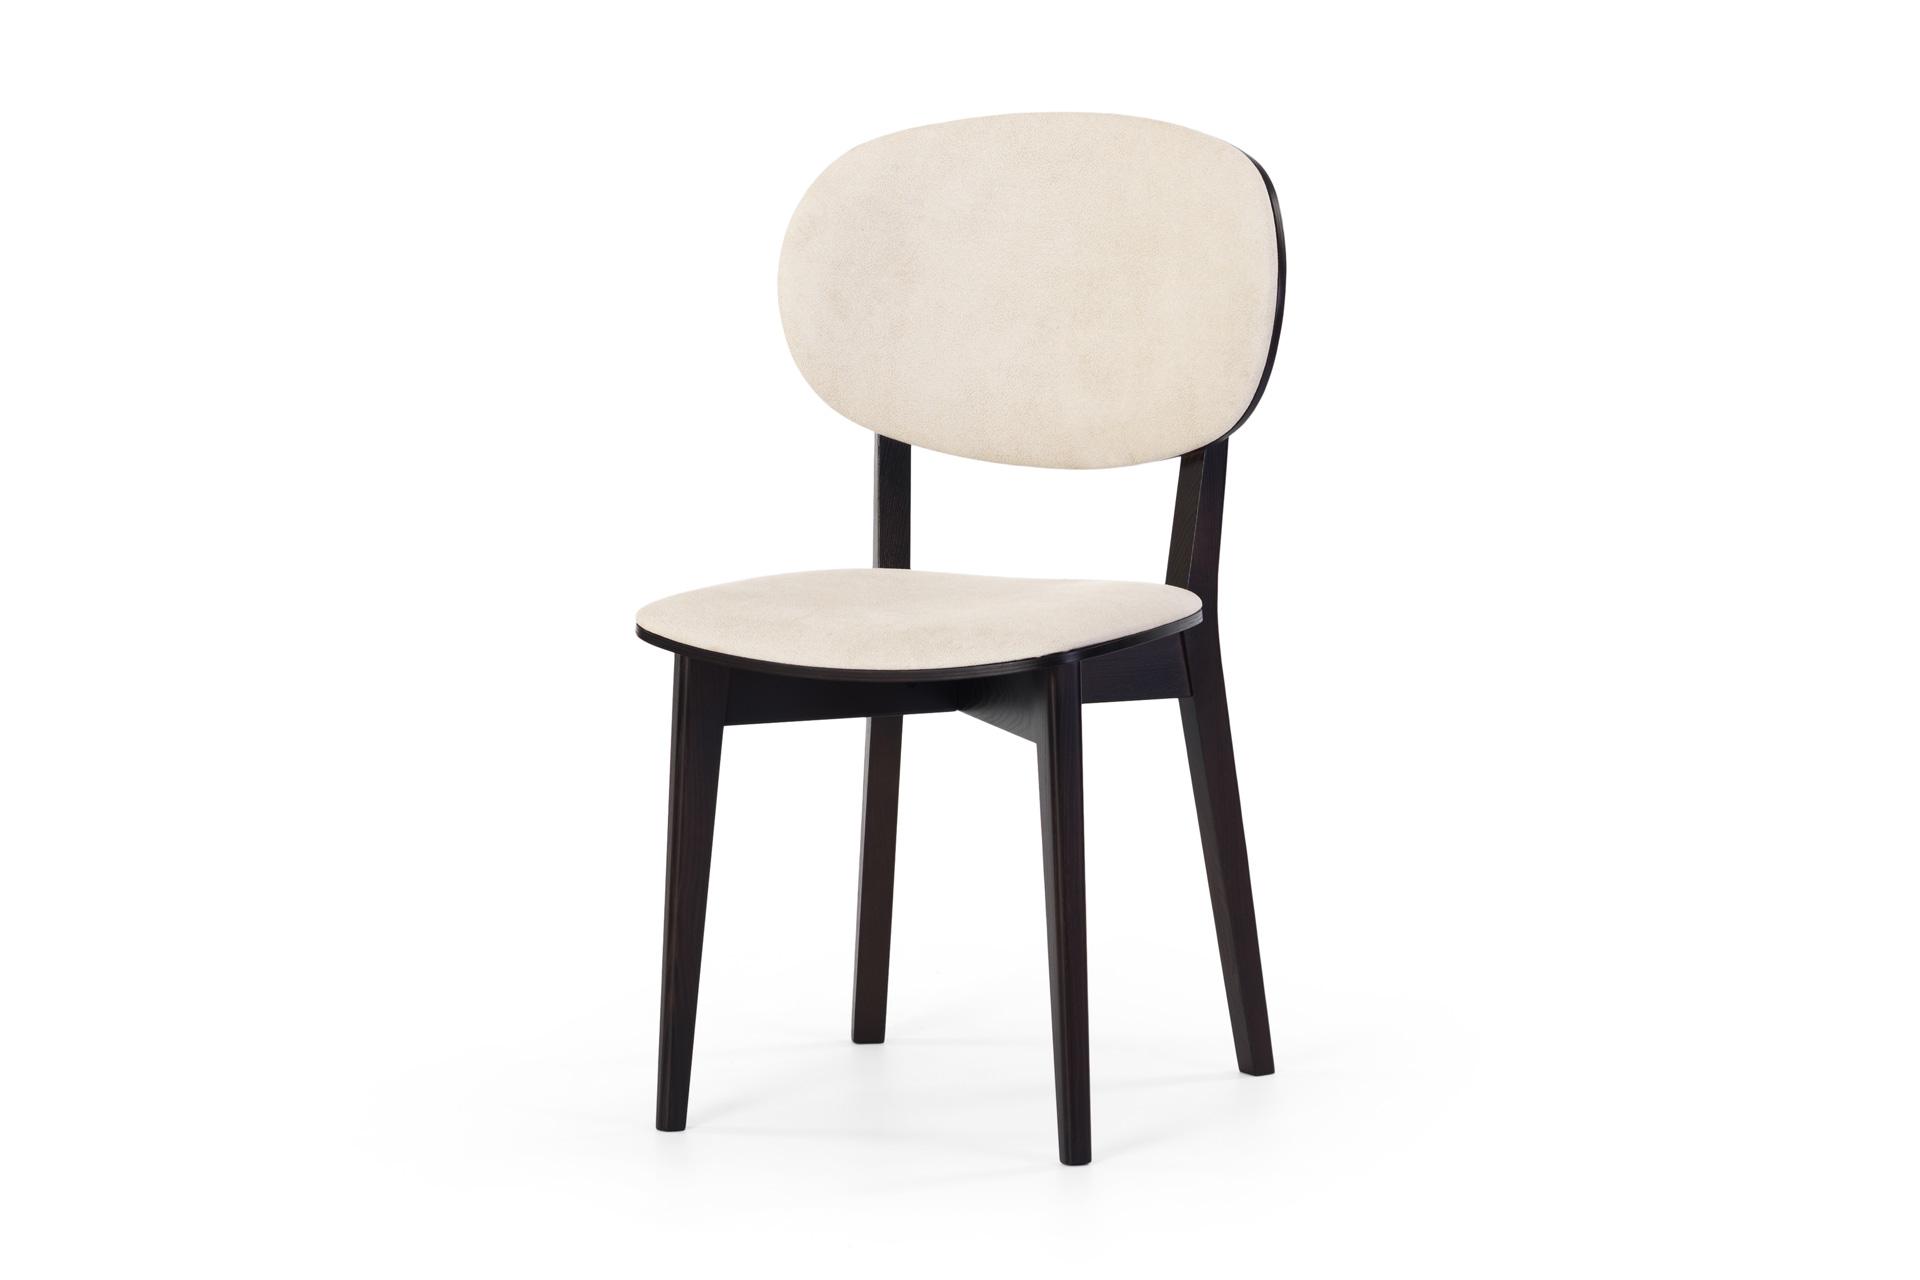 Черный кухонный стул 03Б с белой мягкой обивкой • OLEKSENKO Столы и Стулья •